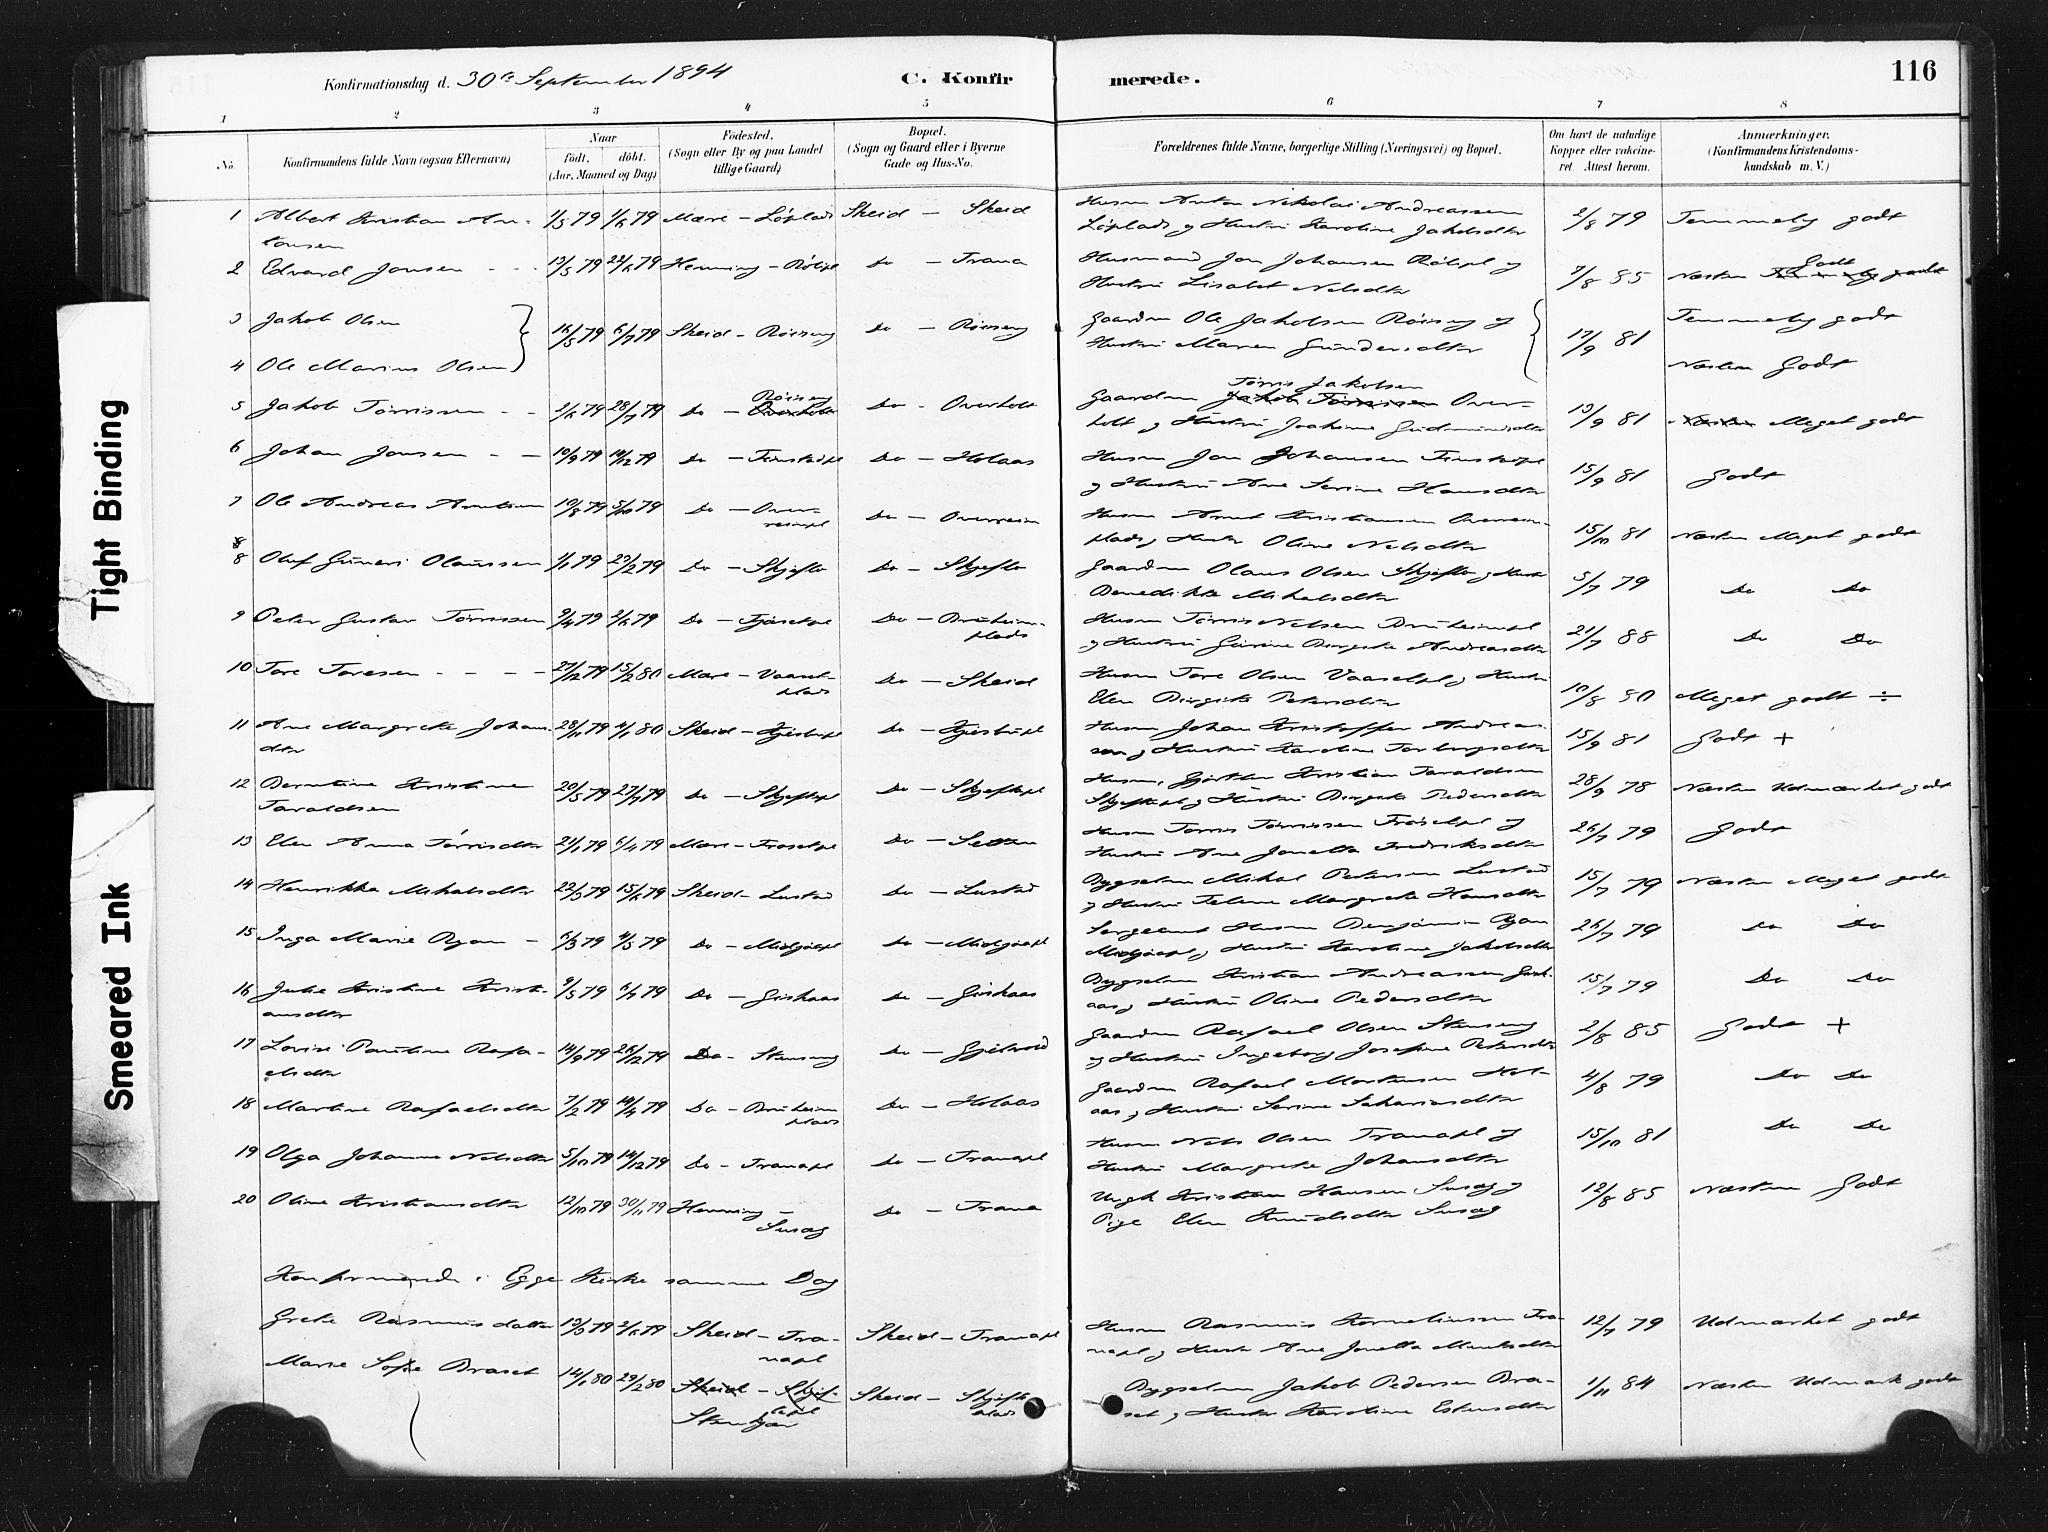 SAT, Ministerialprotokoller, klokkerbøker og fødselsregistre - Nord-Trøndelag, 736/L0361: Ministerialbok nr. 736A01, 1884-1906, s. 116